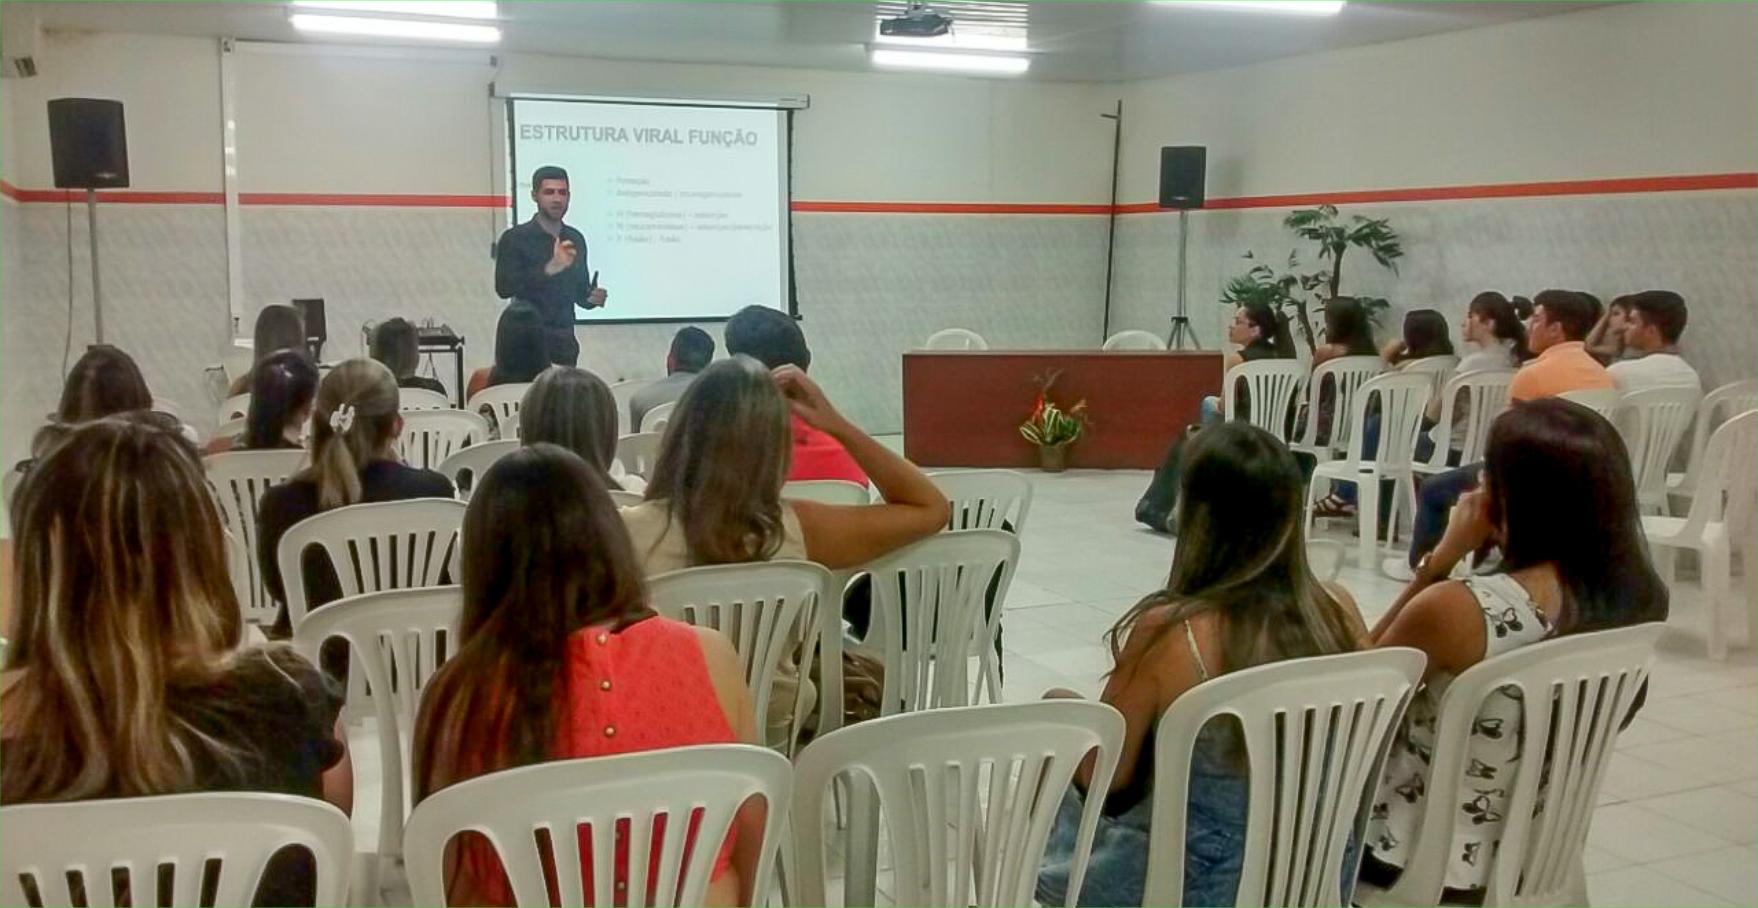 Curso de Biomedicina promove minicurso